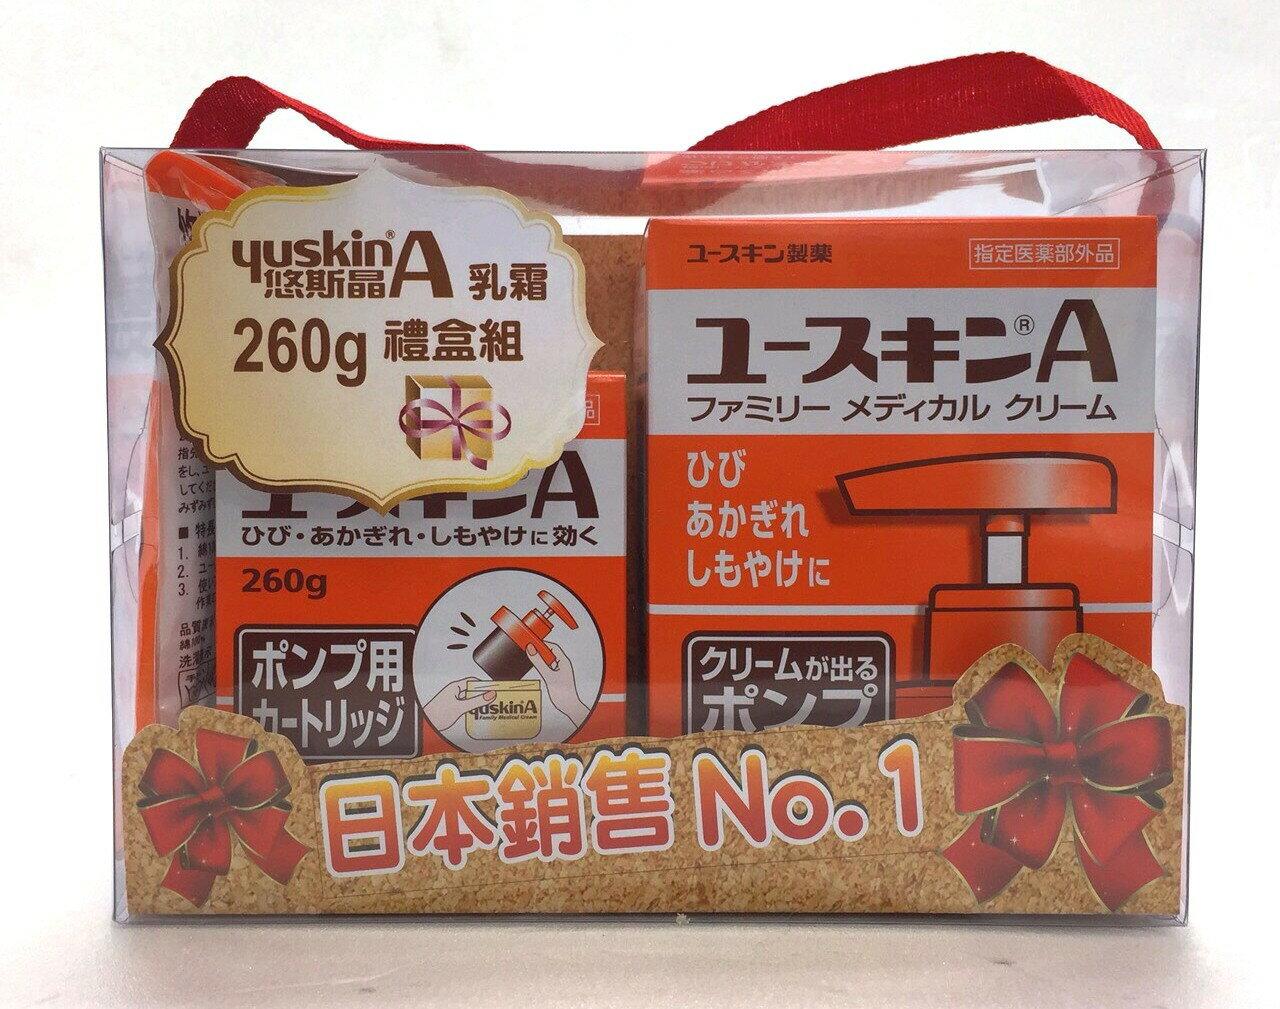 【限量】Yuskin 悠斯晶A乳霜禮盒(260g胖胖瓶+補充瓶+手套)